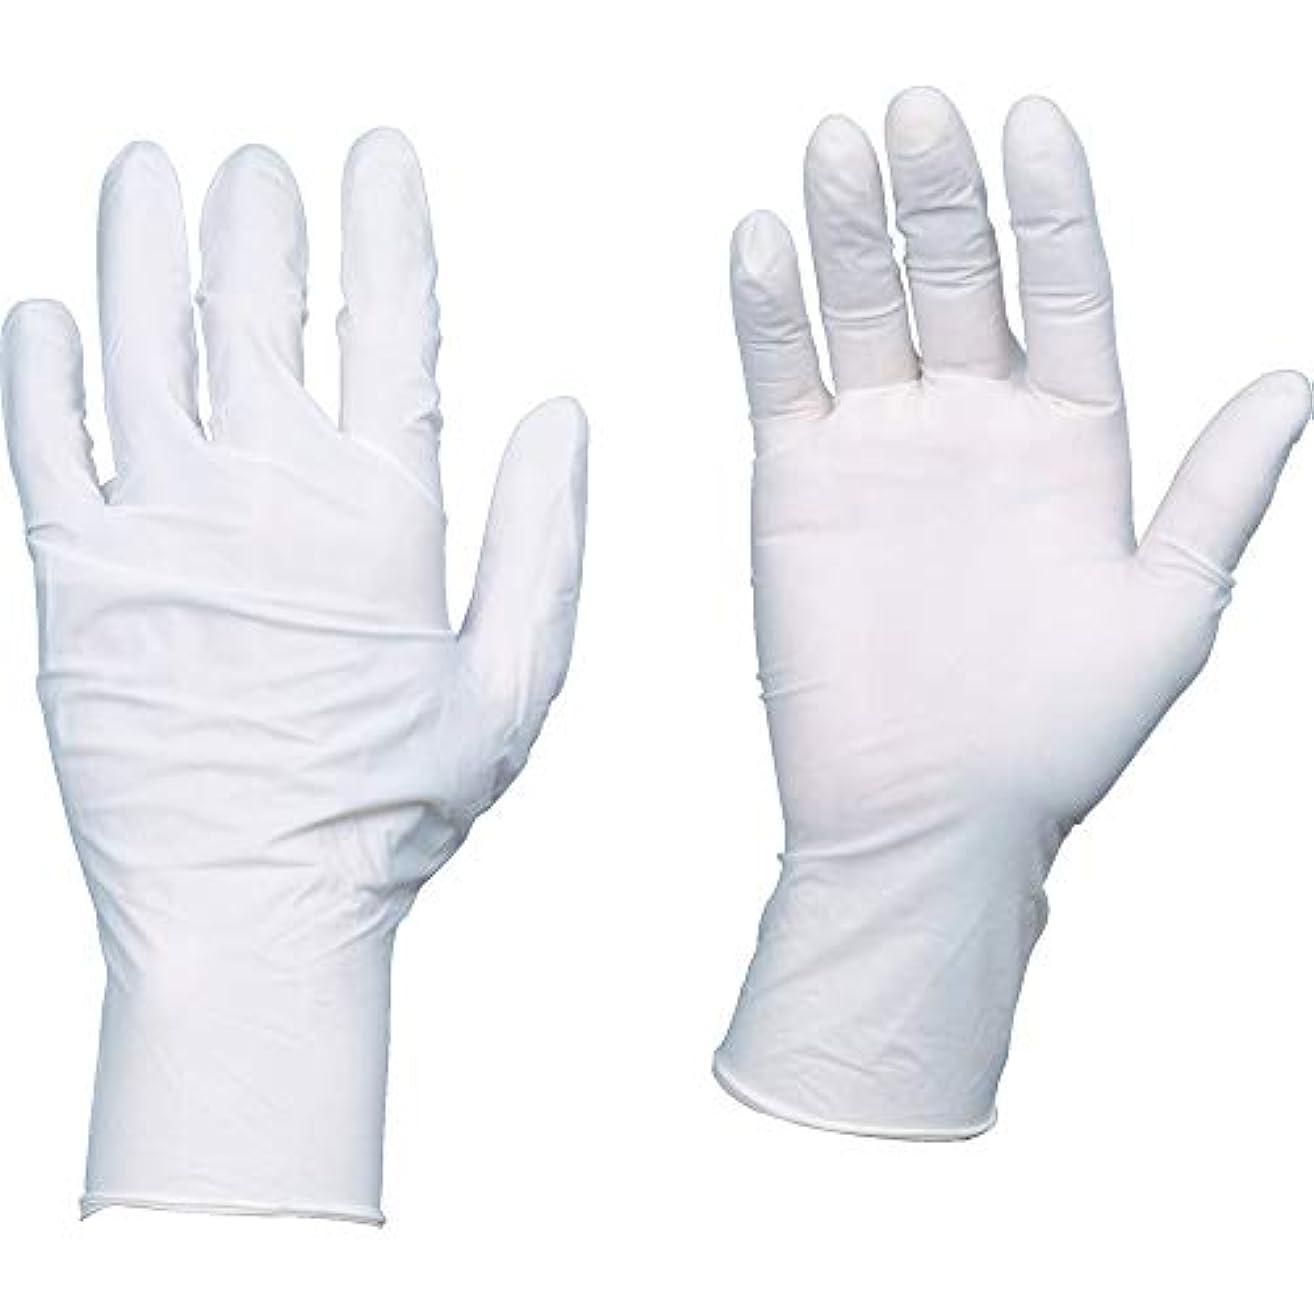 ポップ狼減らすTRUSCO(トラスコ) 10箱入り 使い捨て天然ゴム手袋TGワーク 0.10 粉付白L TGPL10WL10C